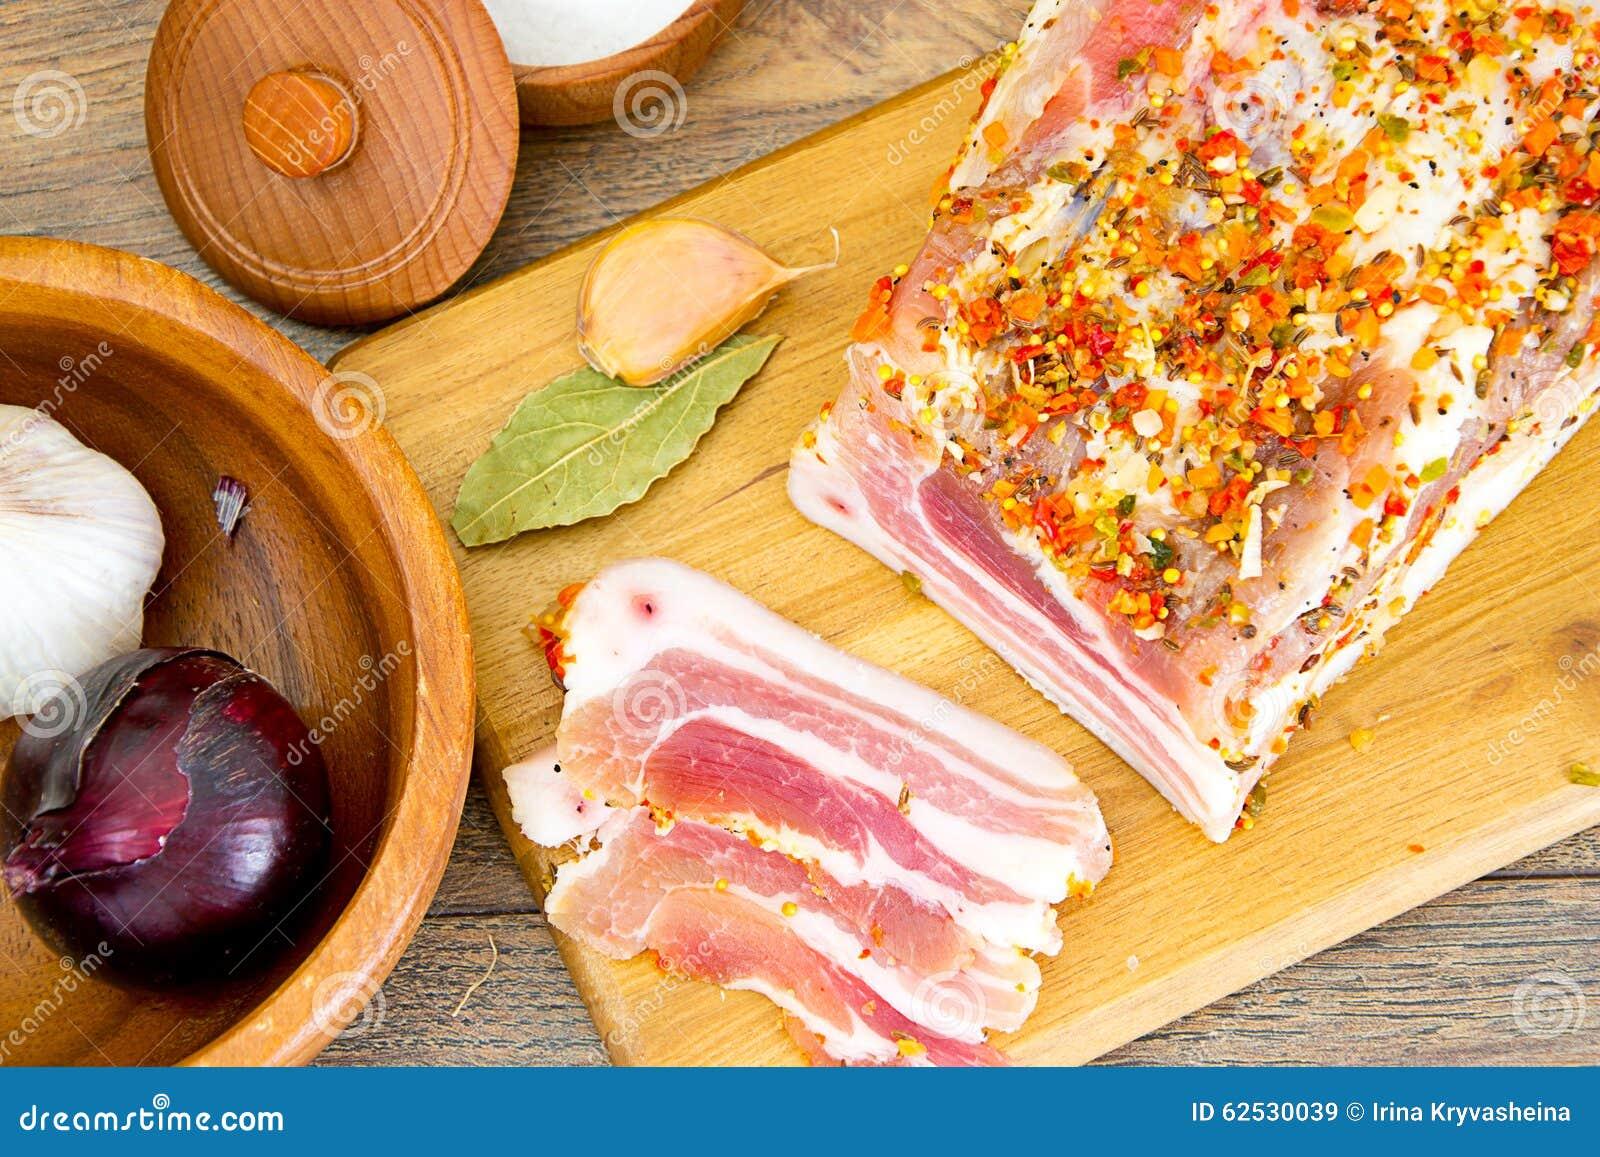 盐味的猪油,在木切板的未加工的猪肉